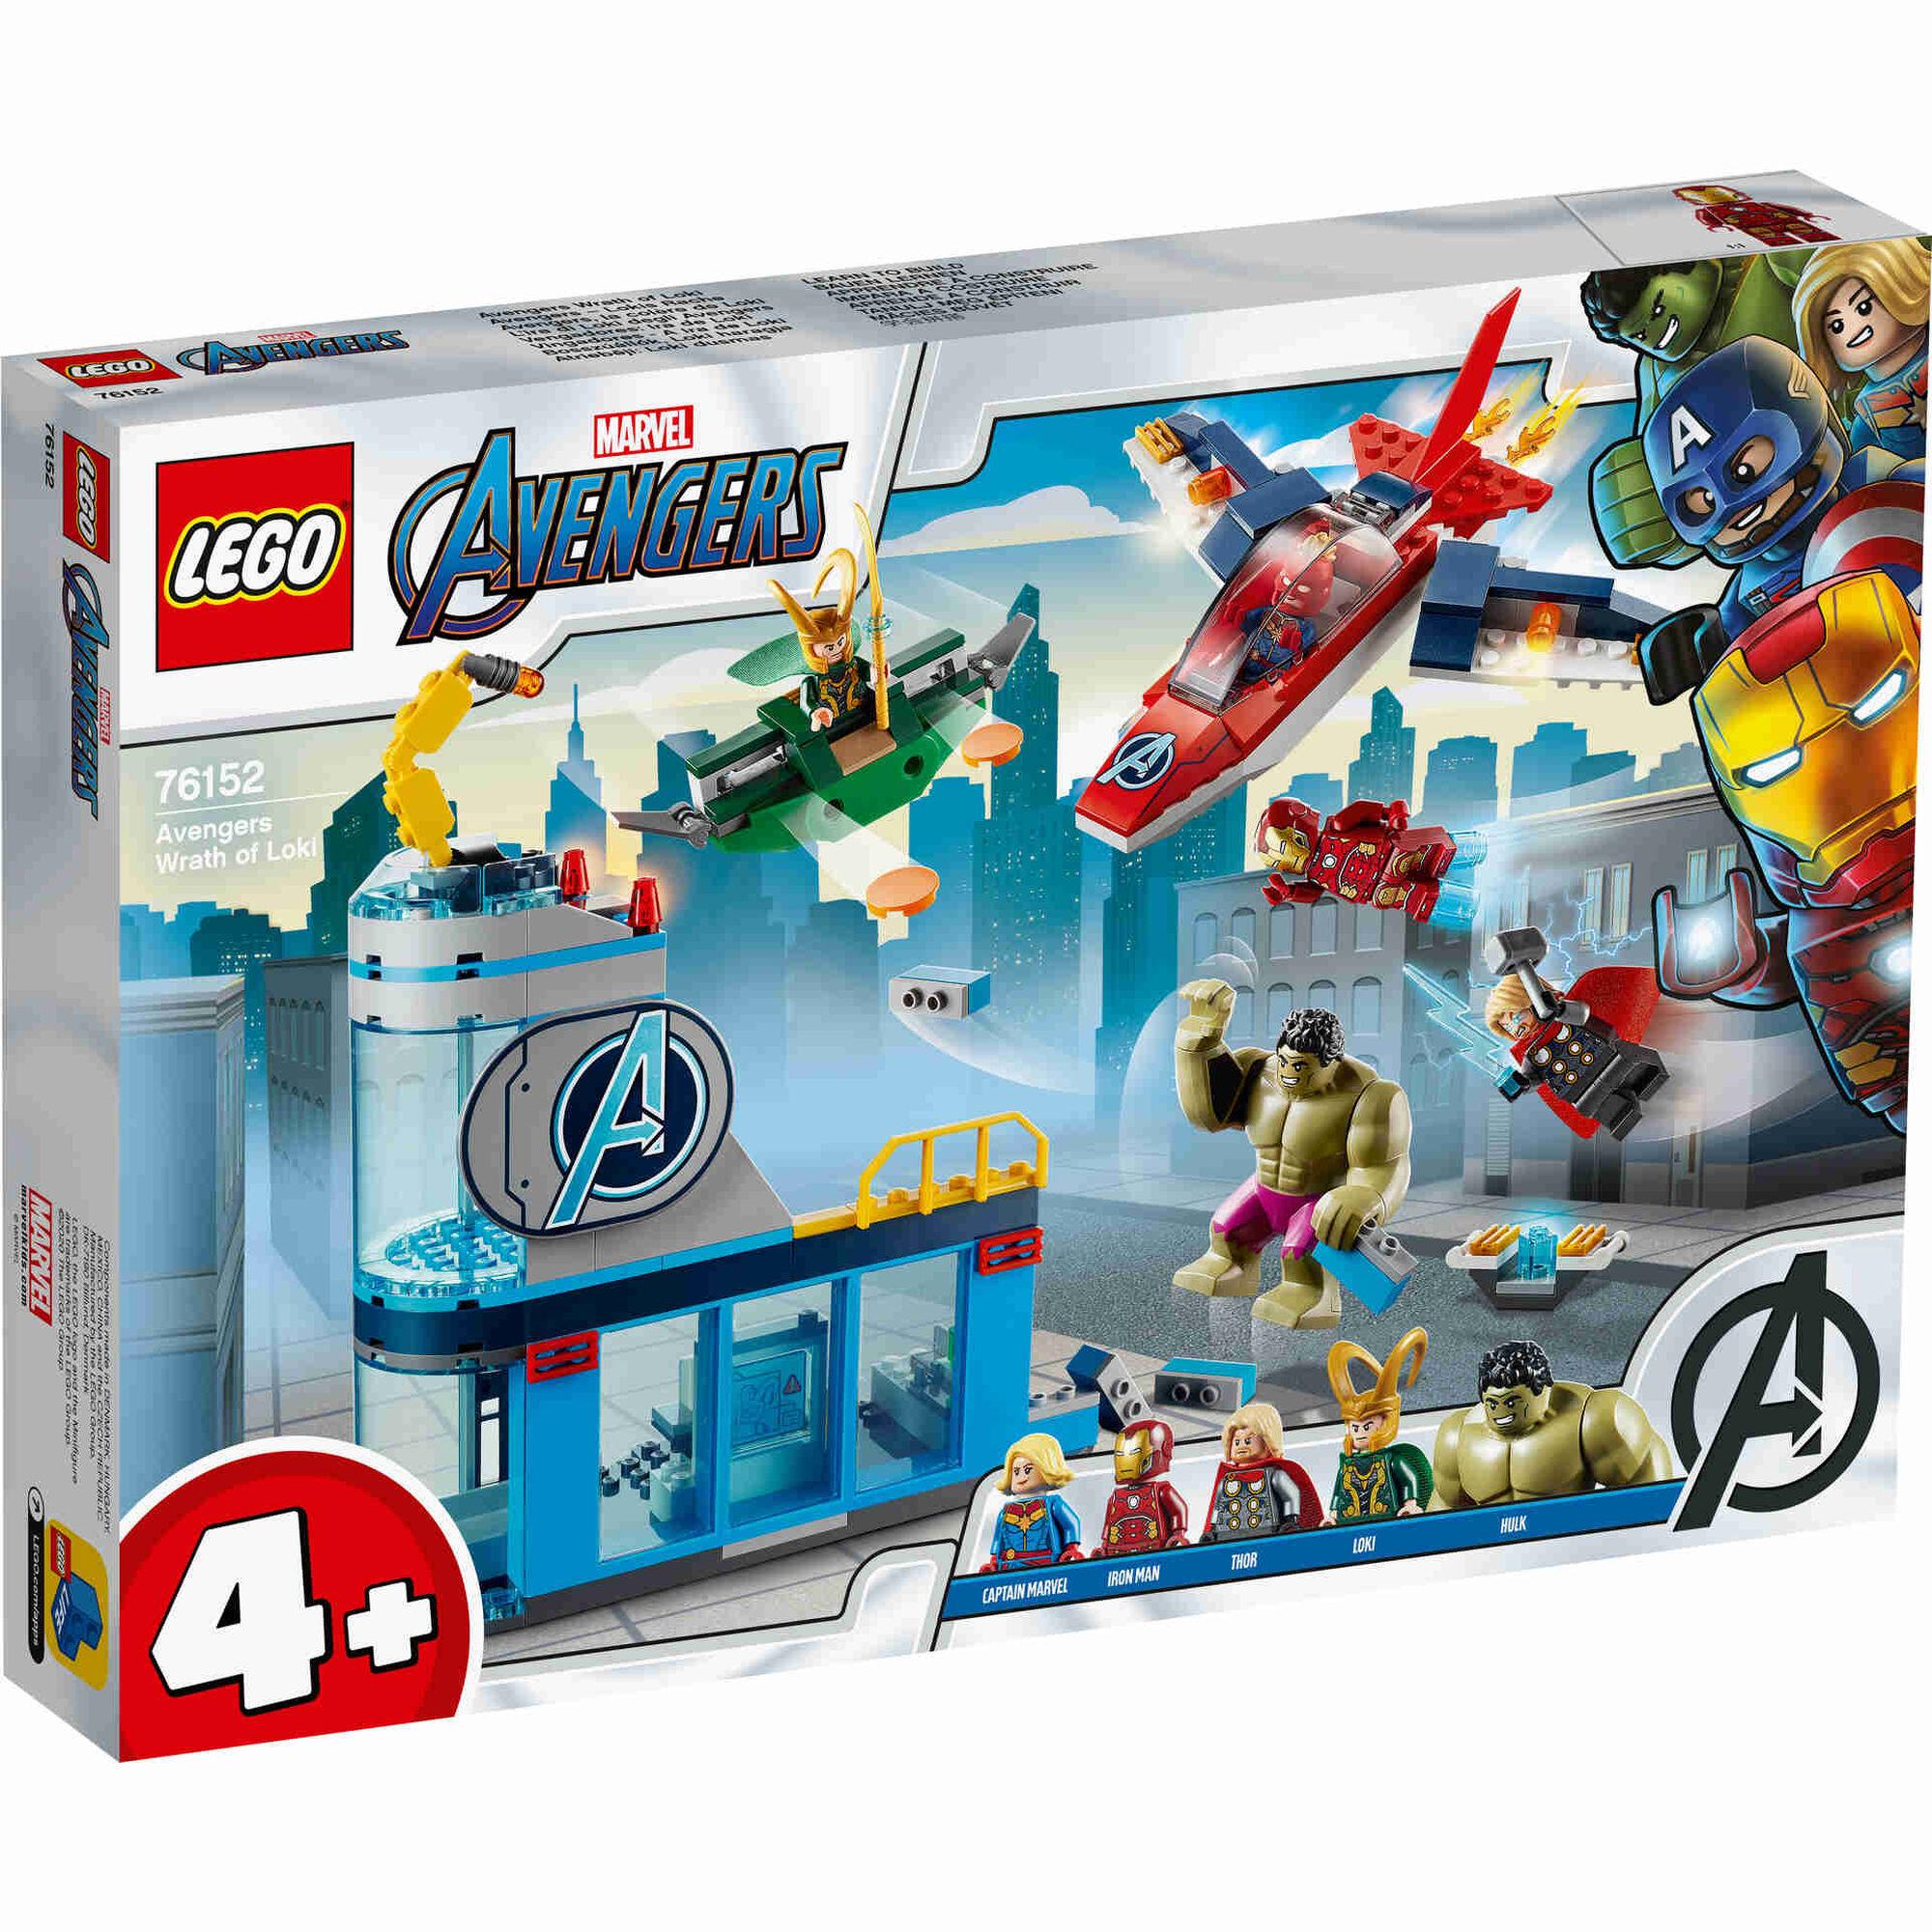 Vingadores: A Ira de Loki - 76152